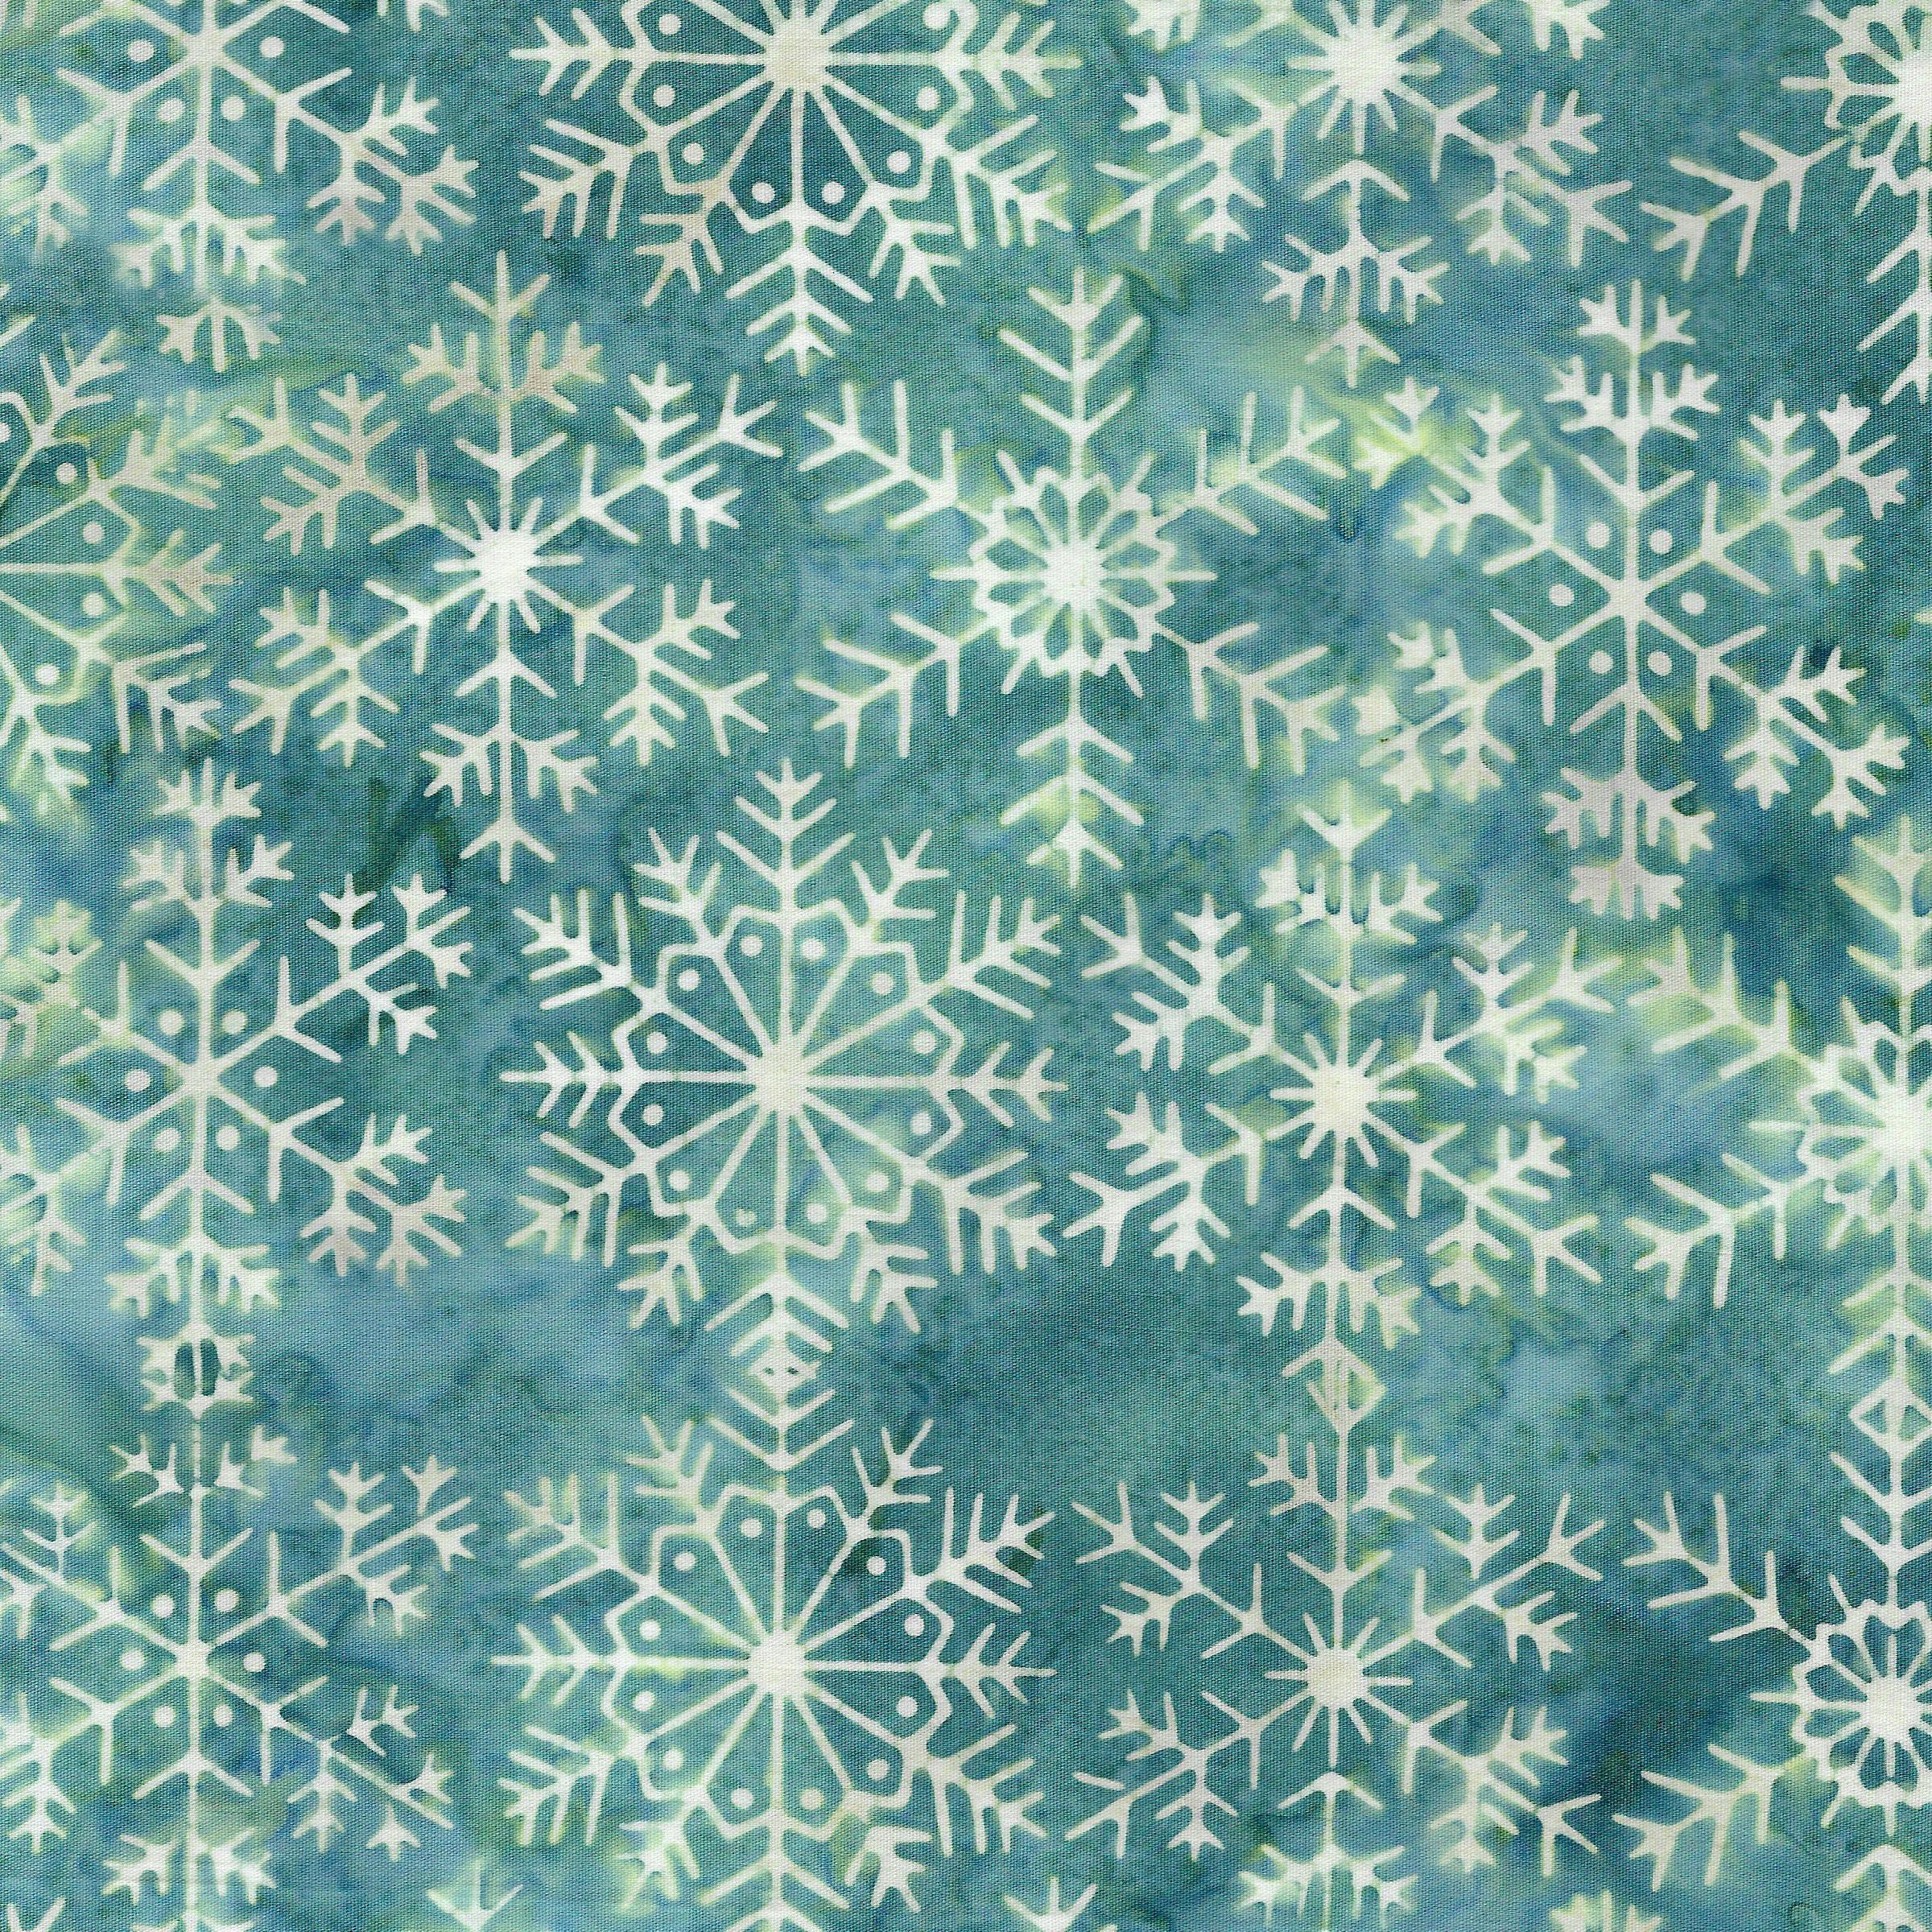 Lg Snowflake -Lt Bermuda